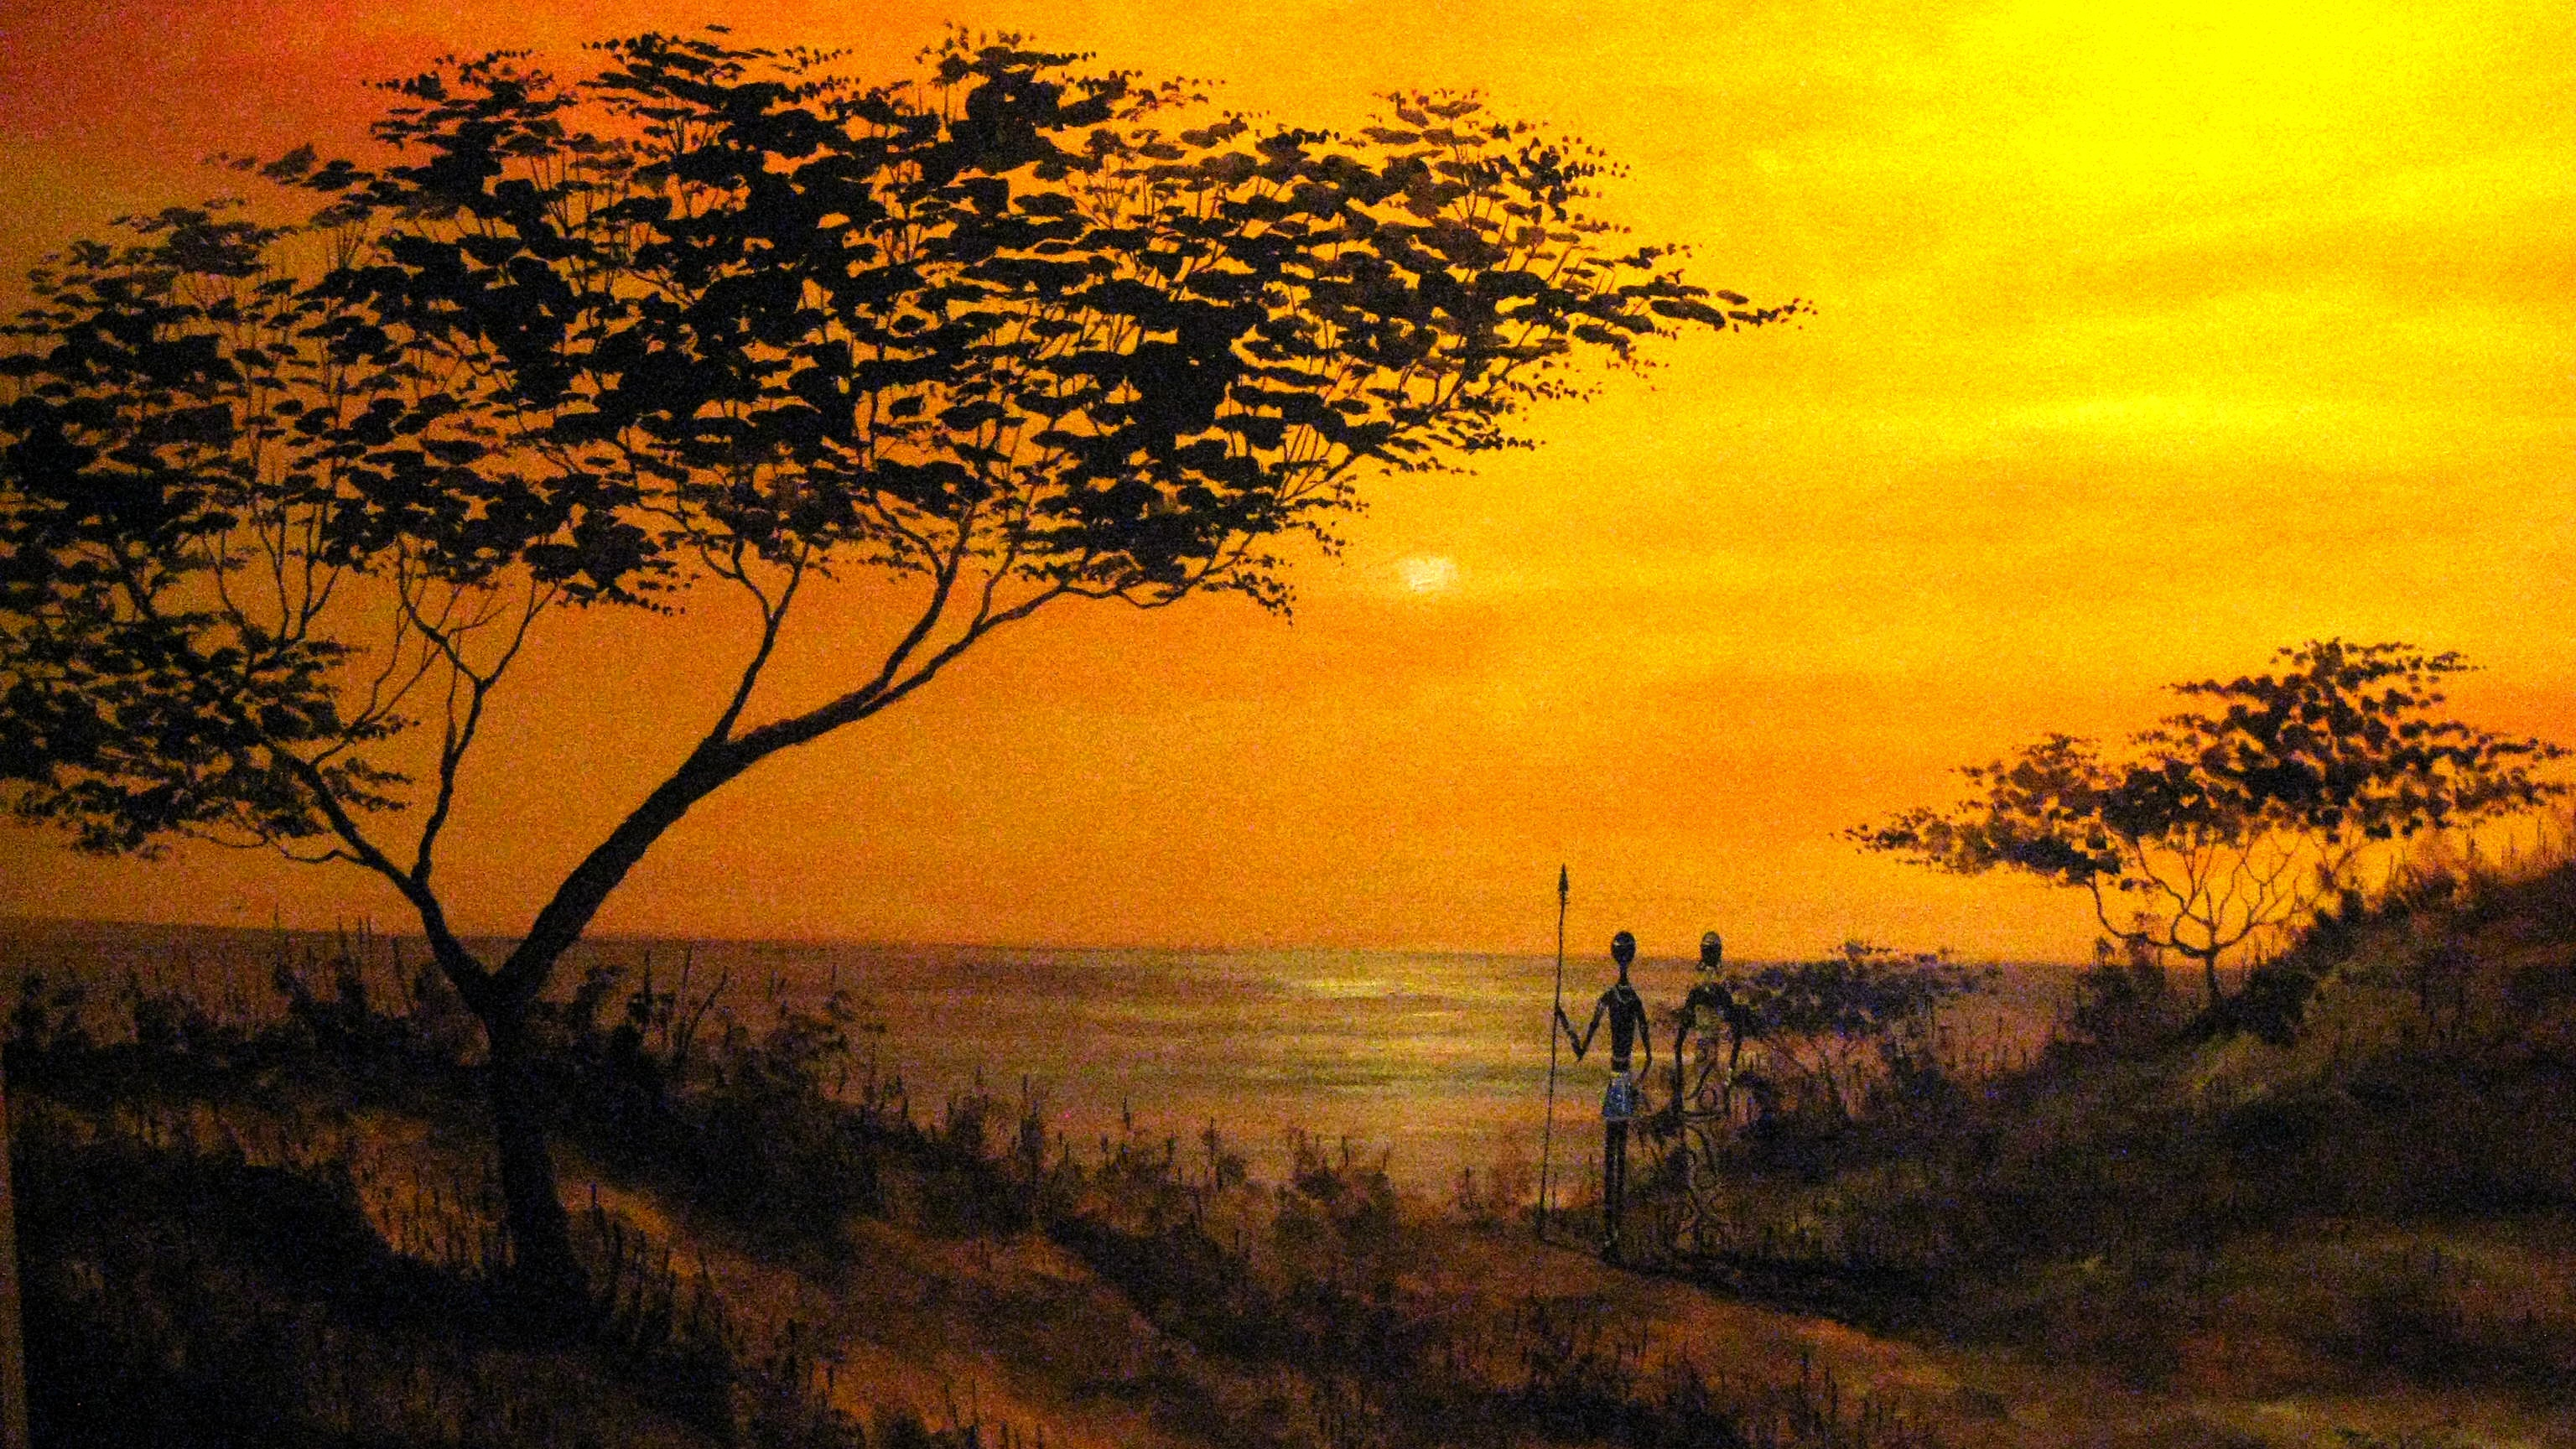 sitio web africano paseo